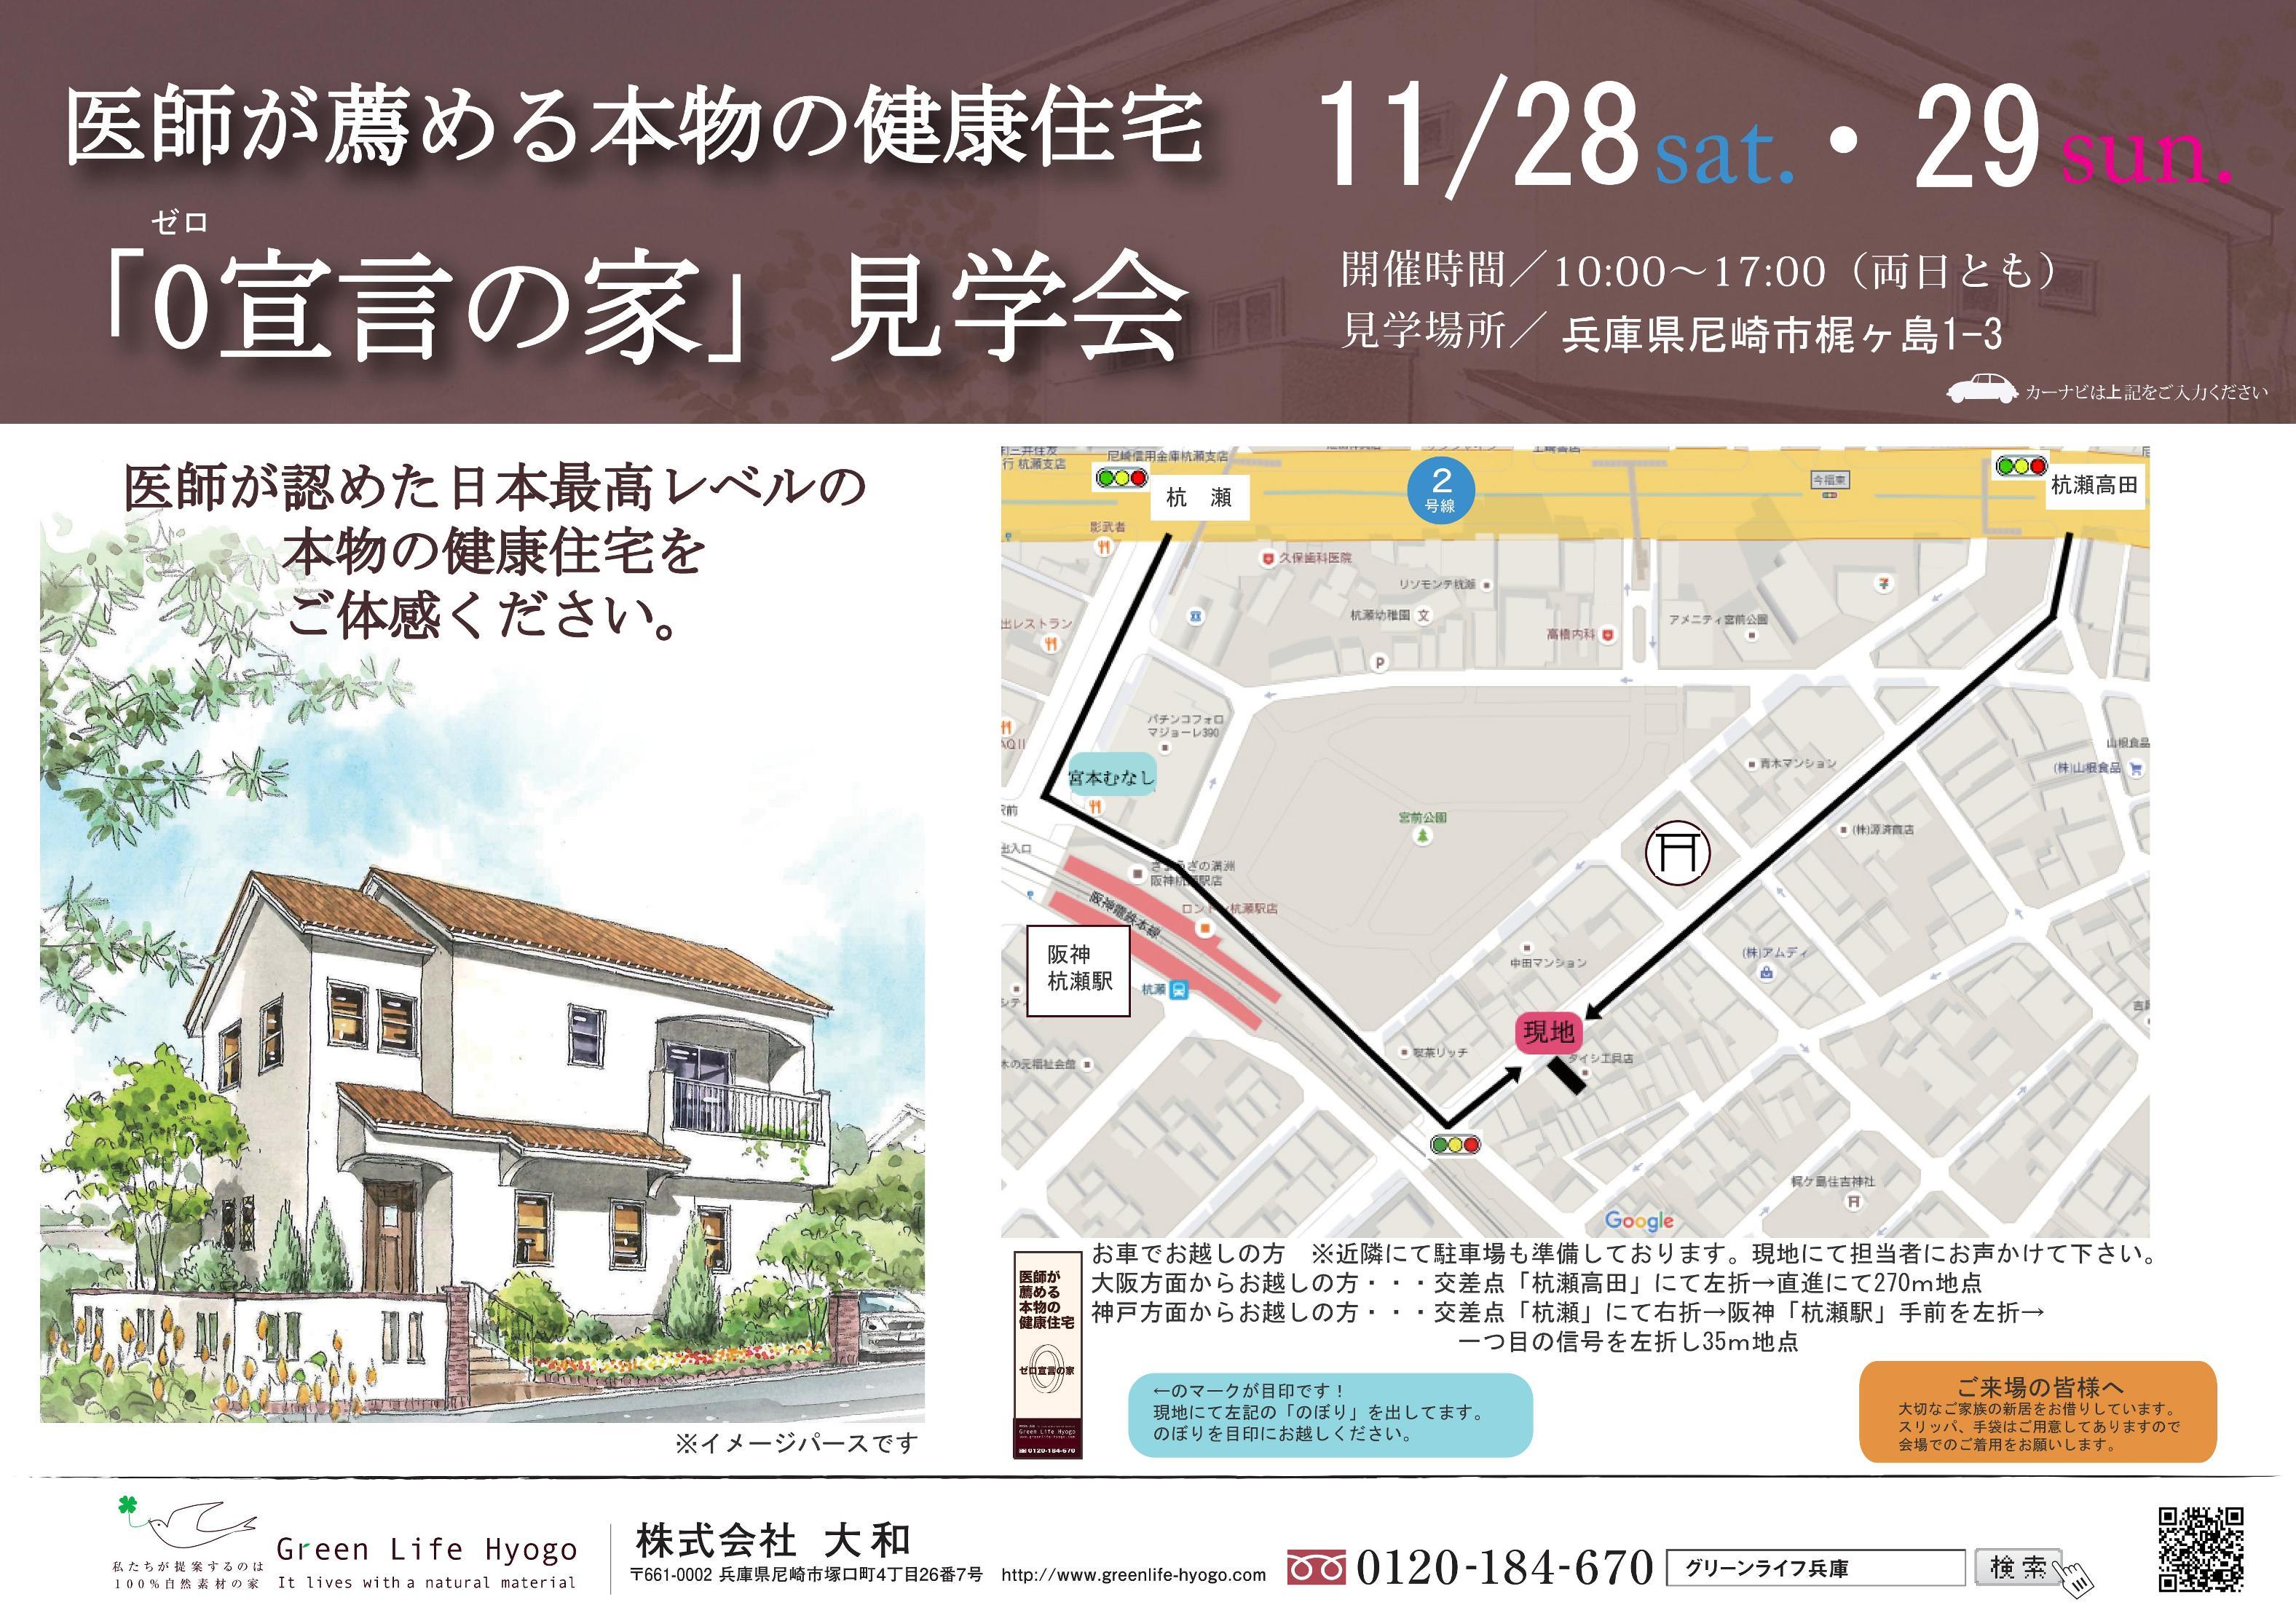 daiwa20151119011